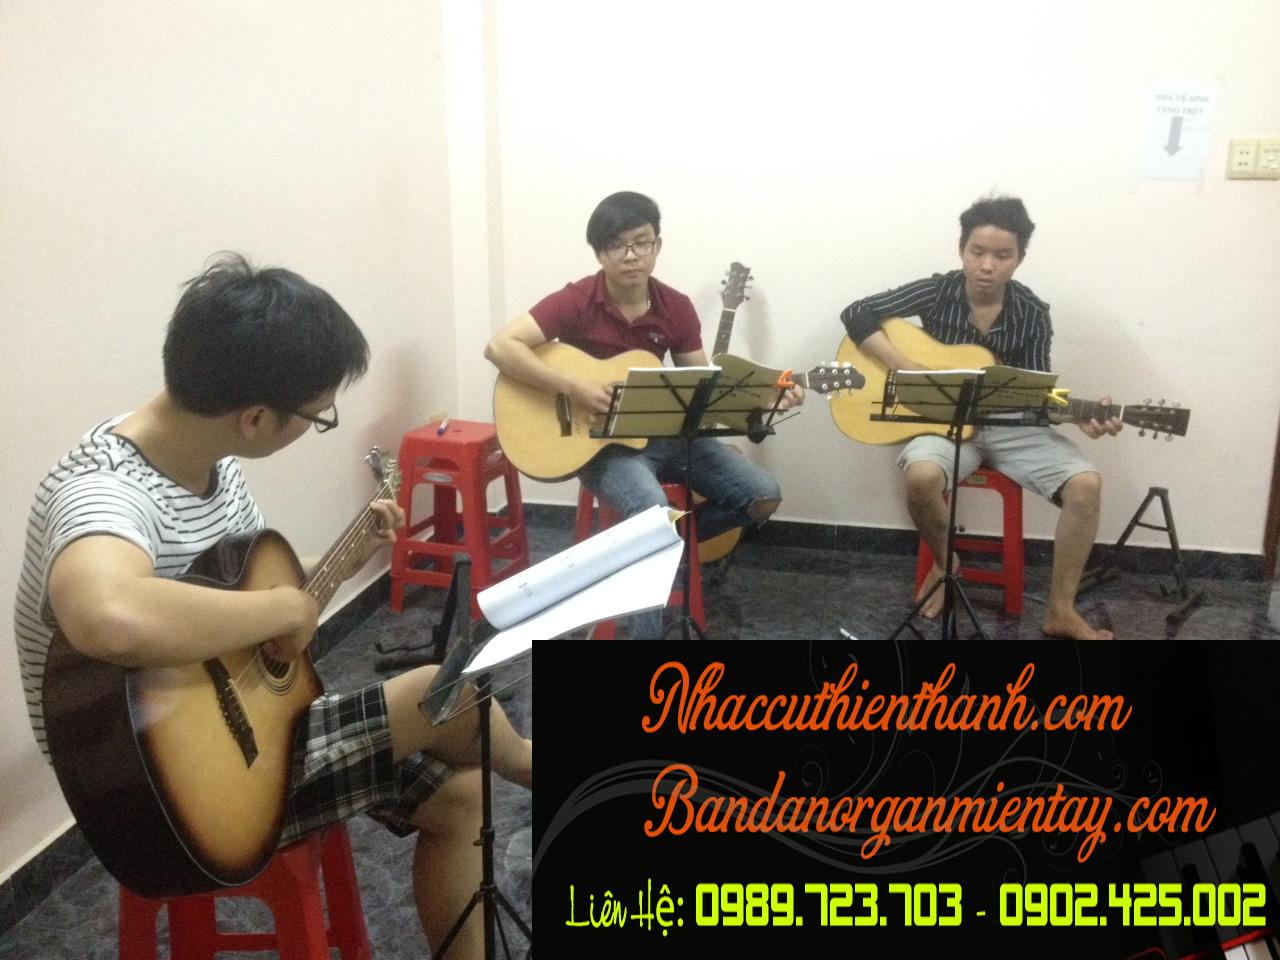 Trung tâm dạy đàn guitar quận 12 tpHcm